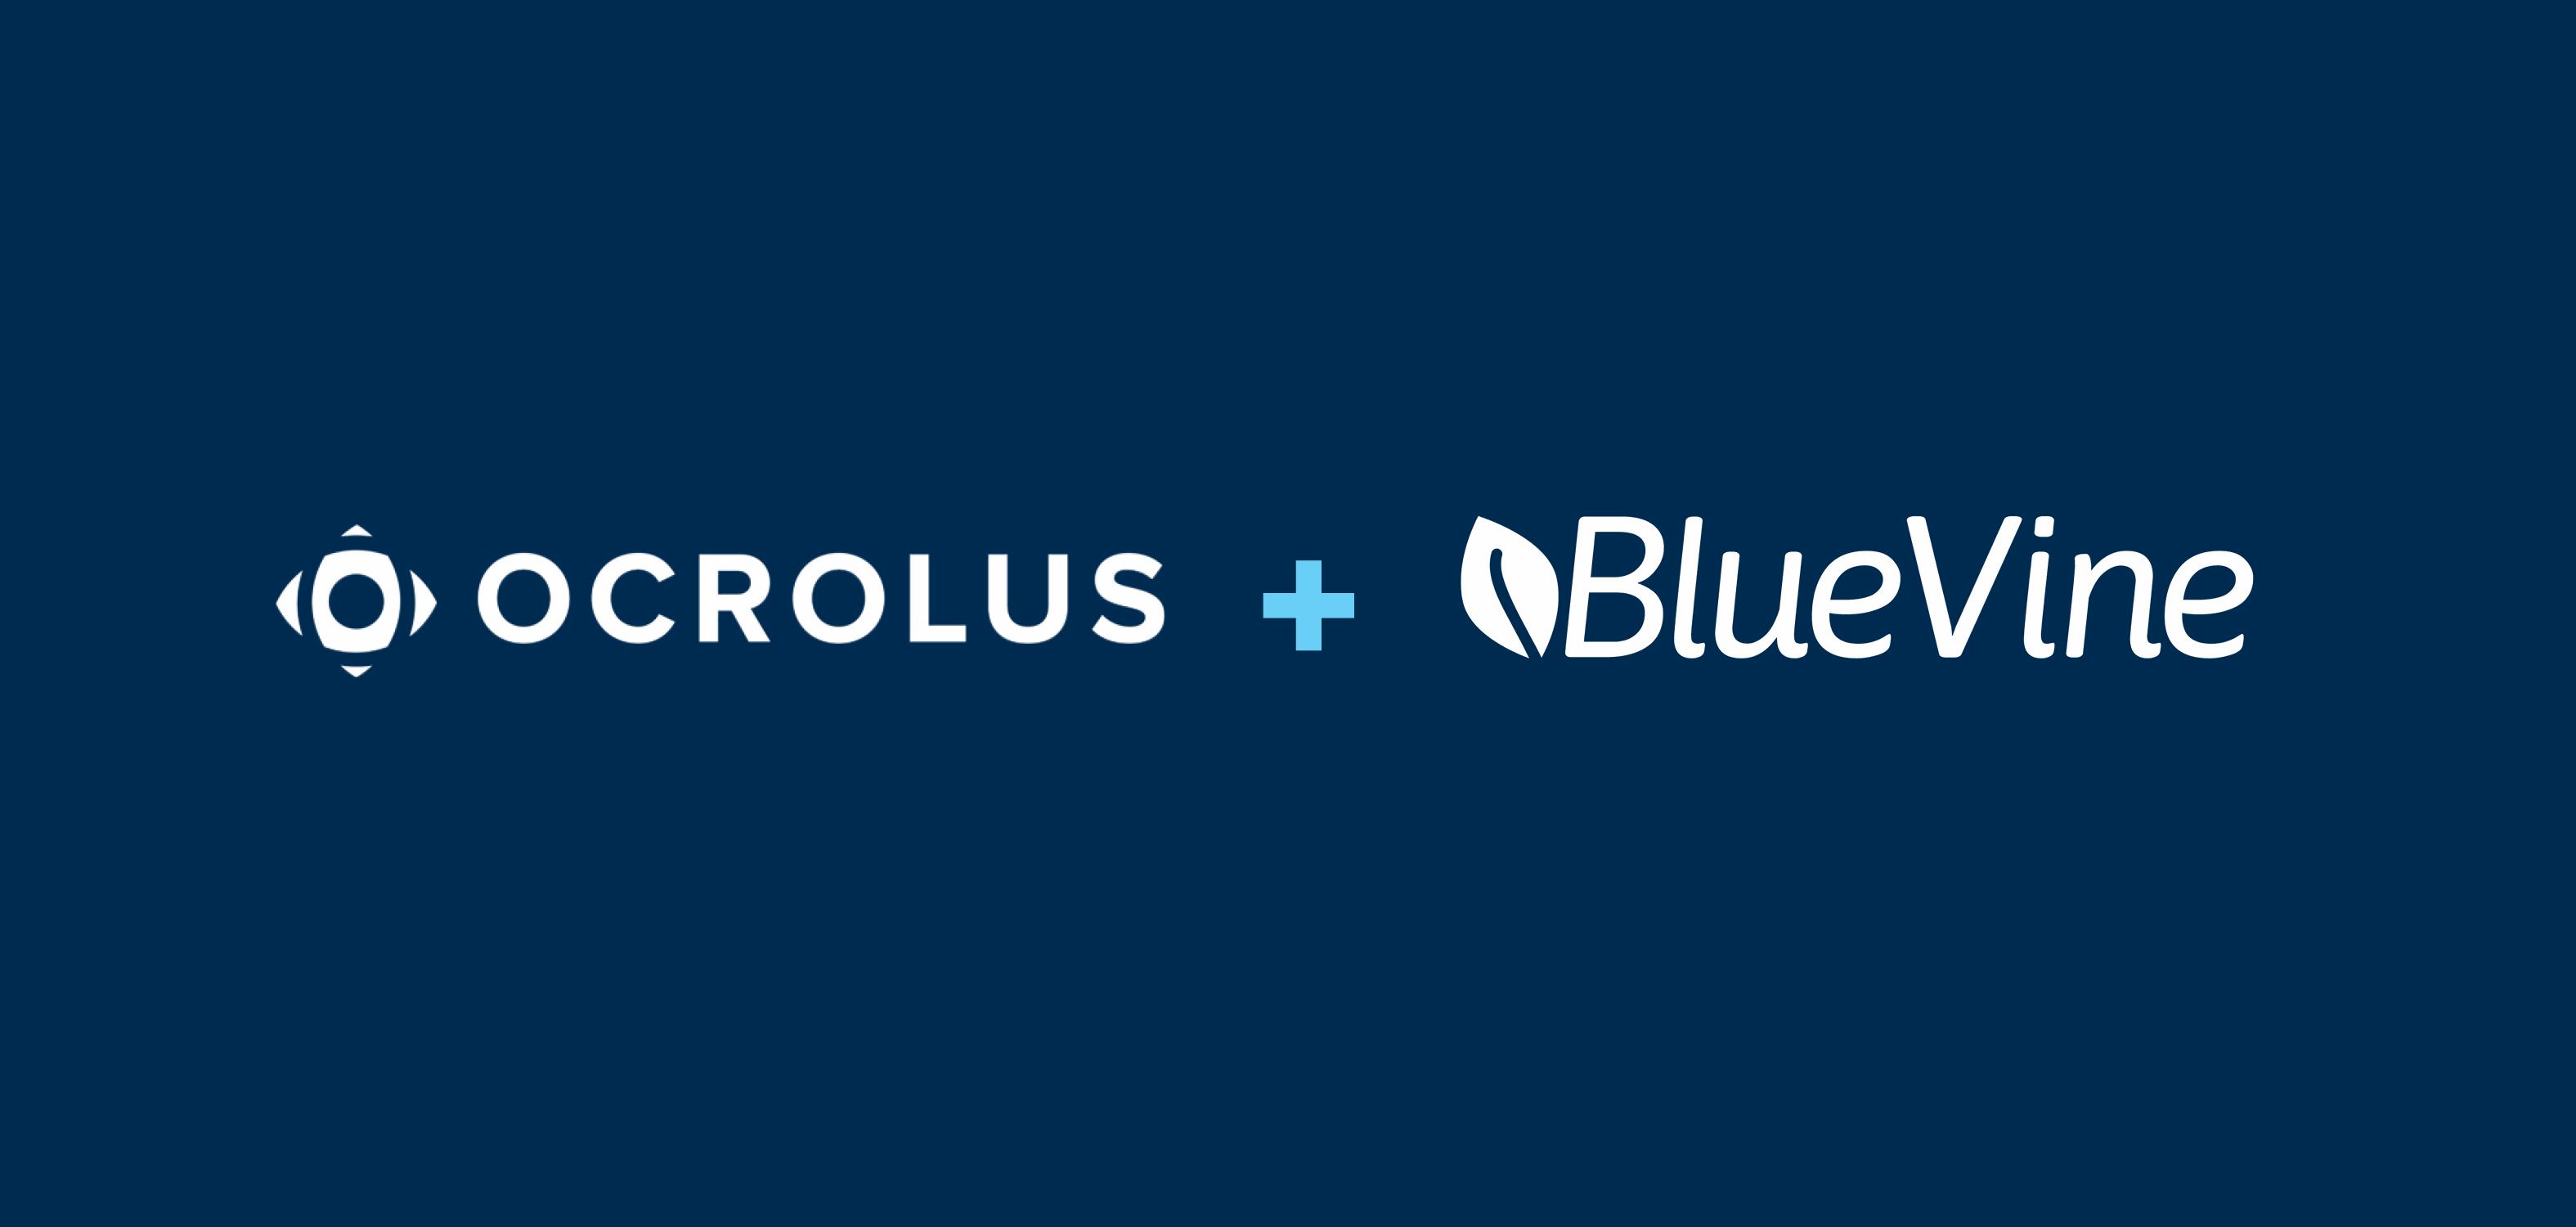 Blog_image_ocrolus Bluevine